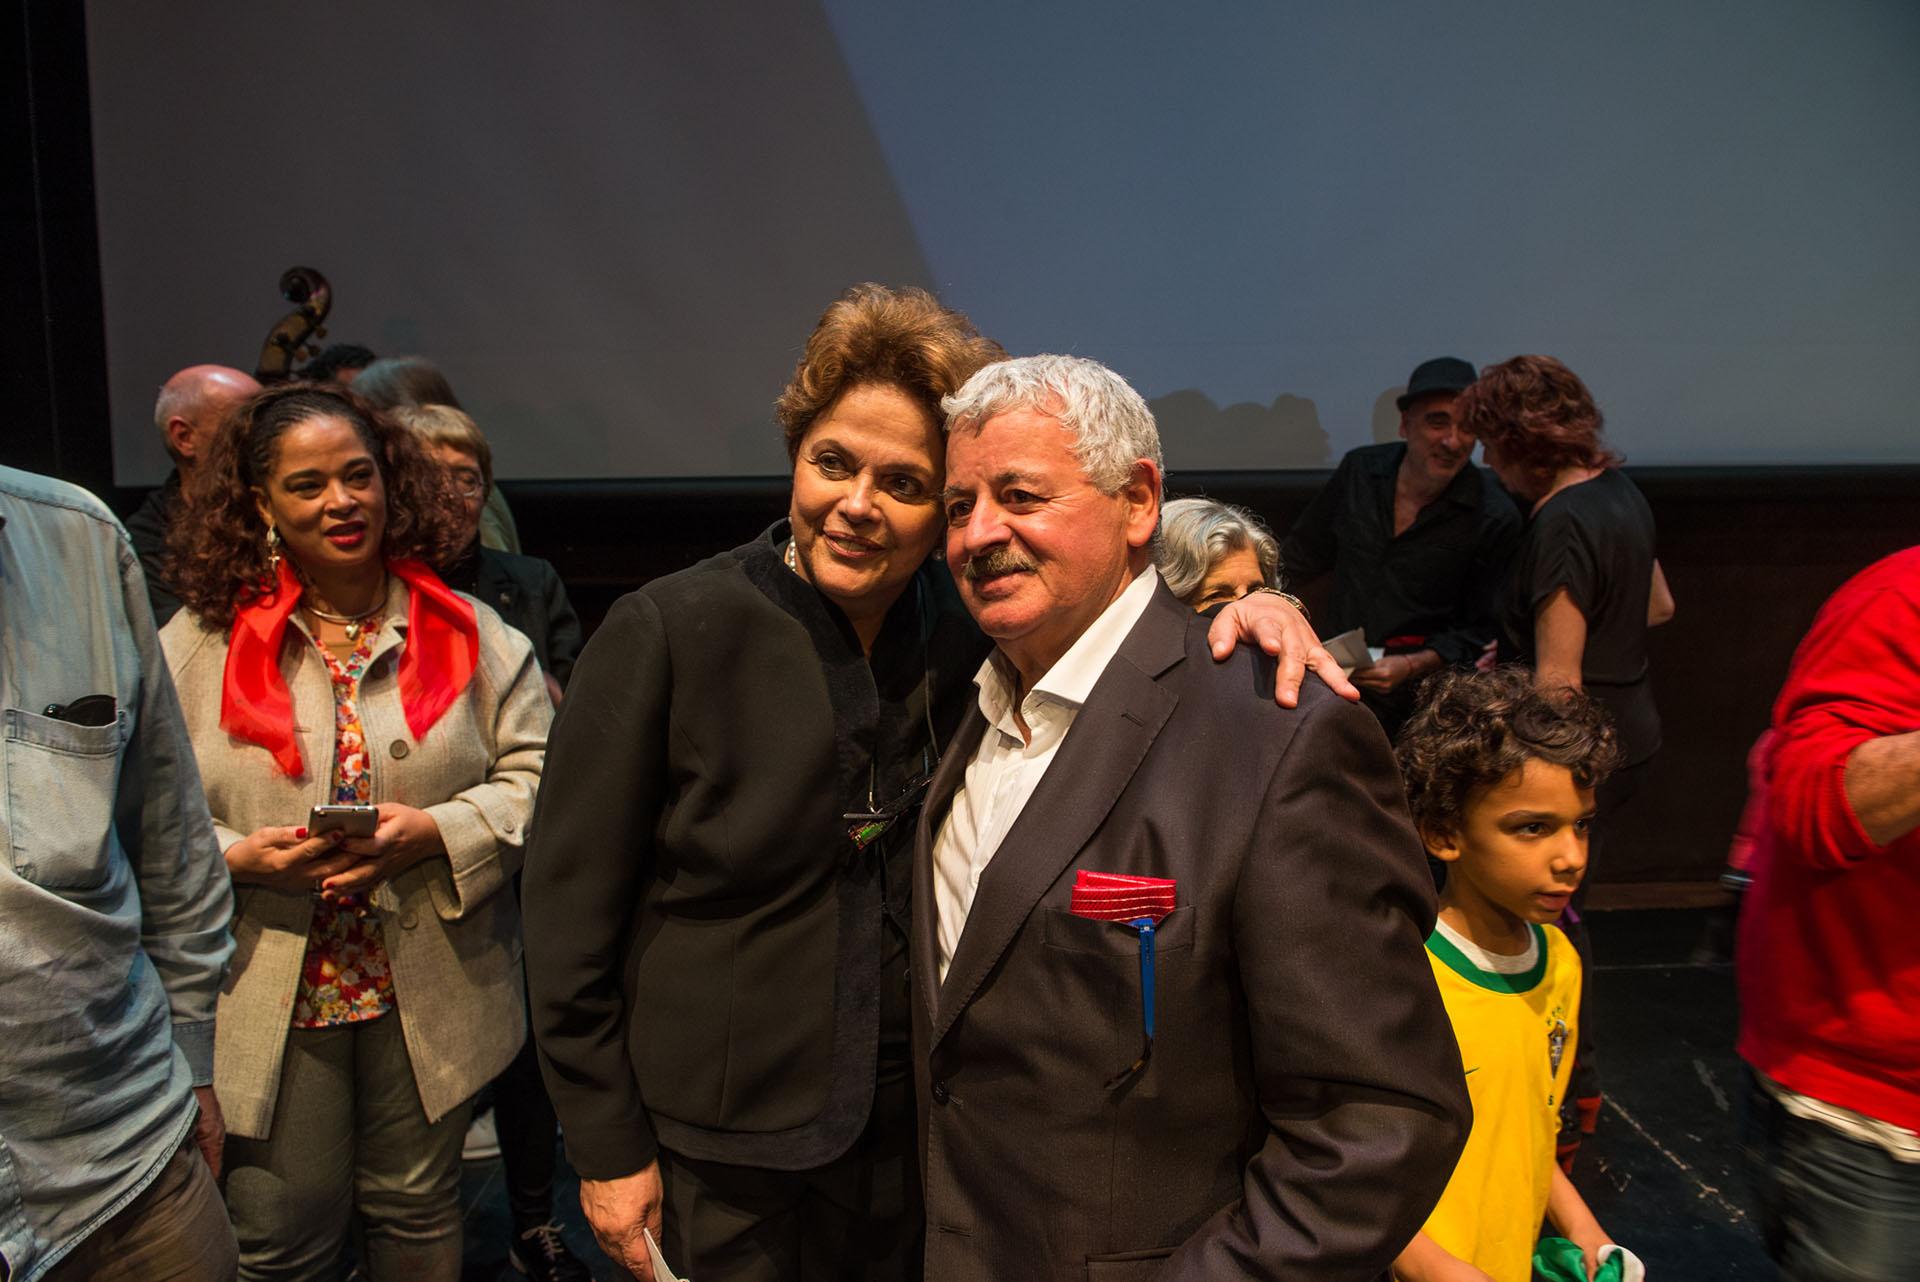 Dilma Rousseff con uno de los conductores del evento, Tití Fernández